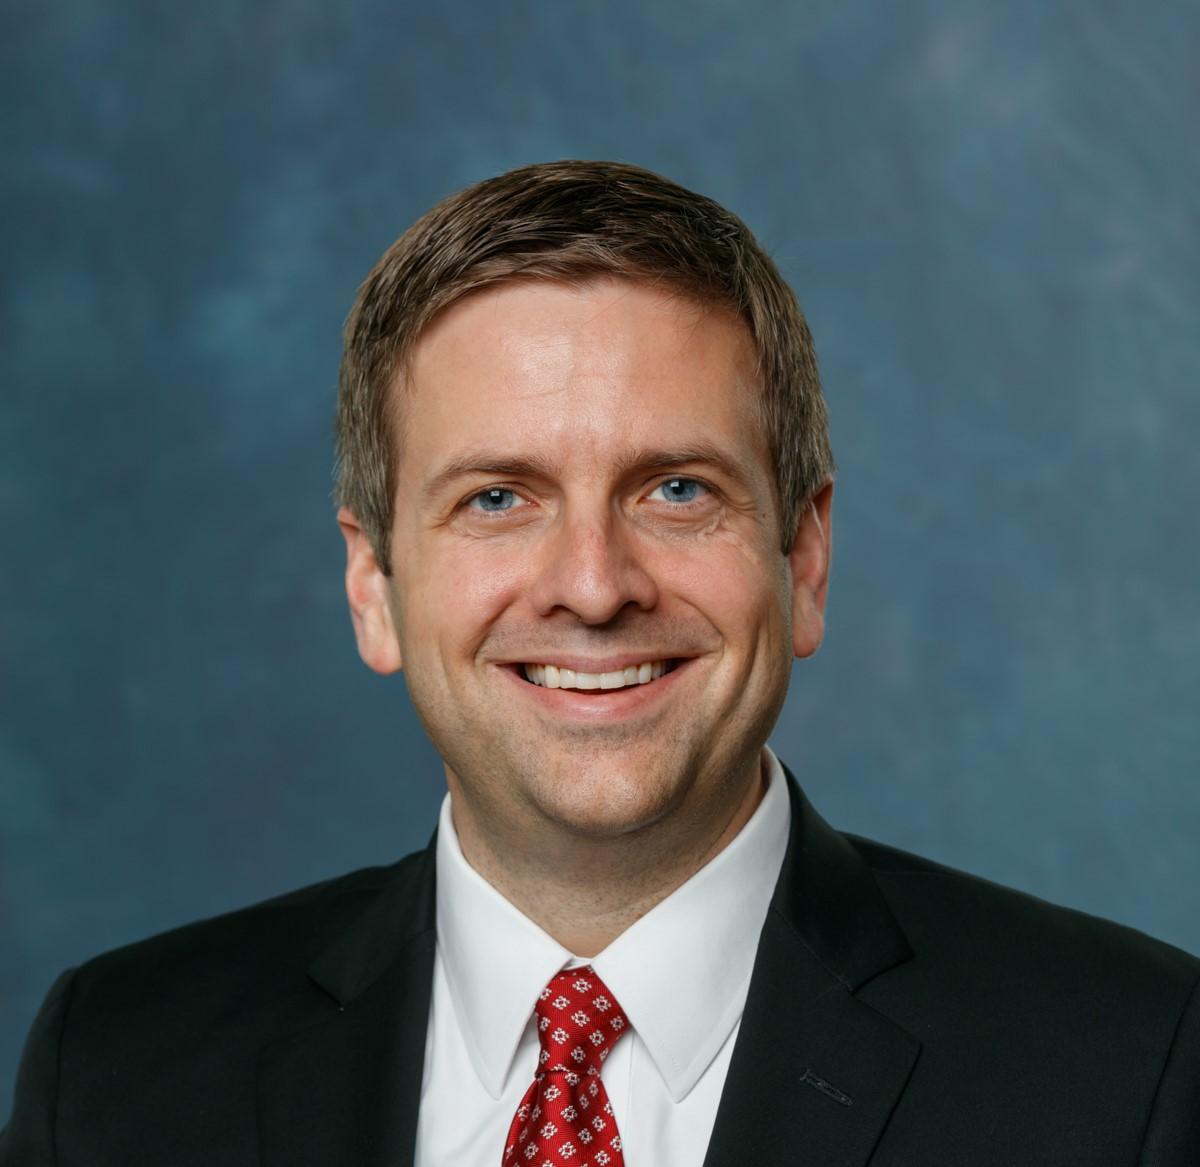 John Schriver Associate General Counsel